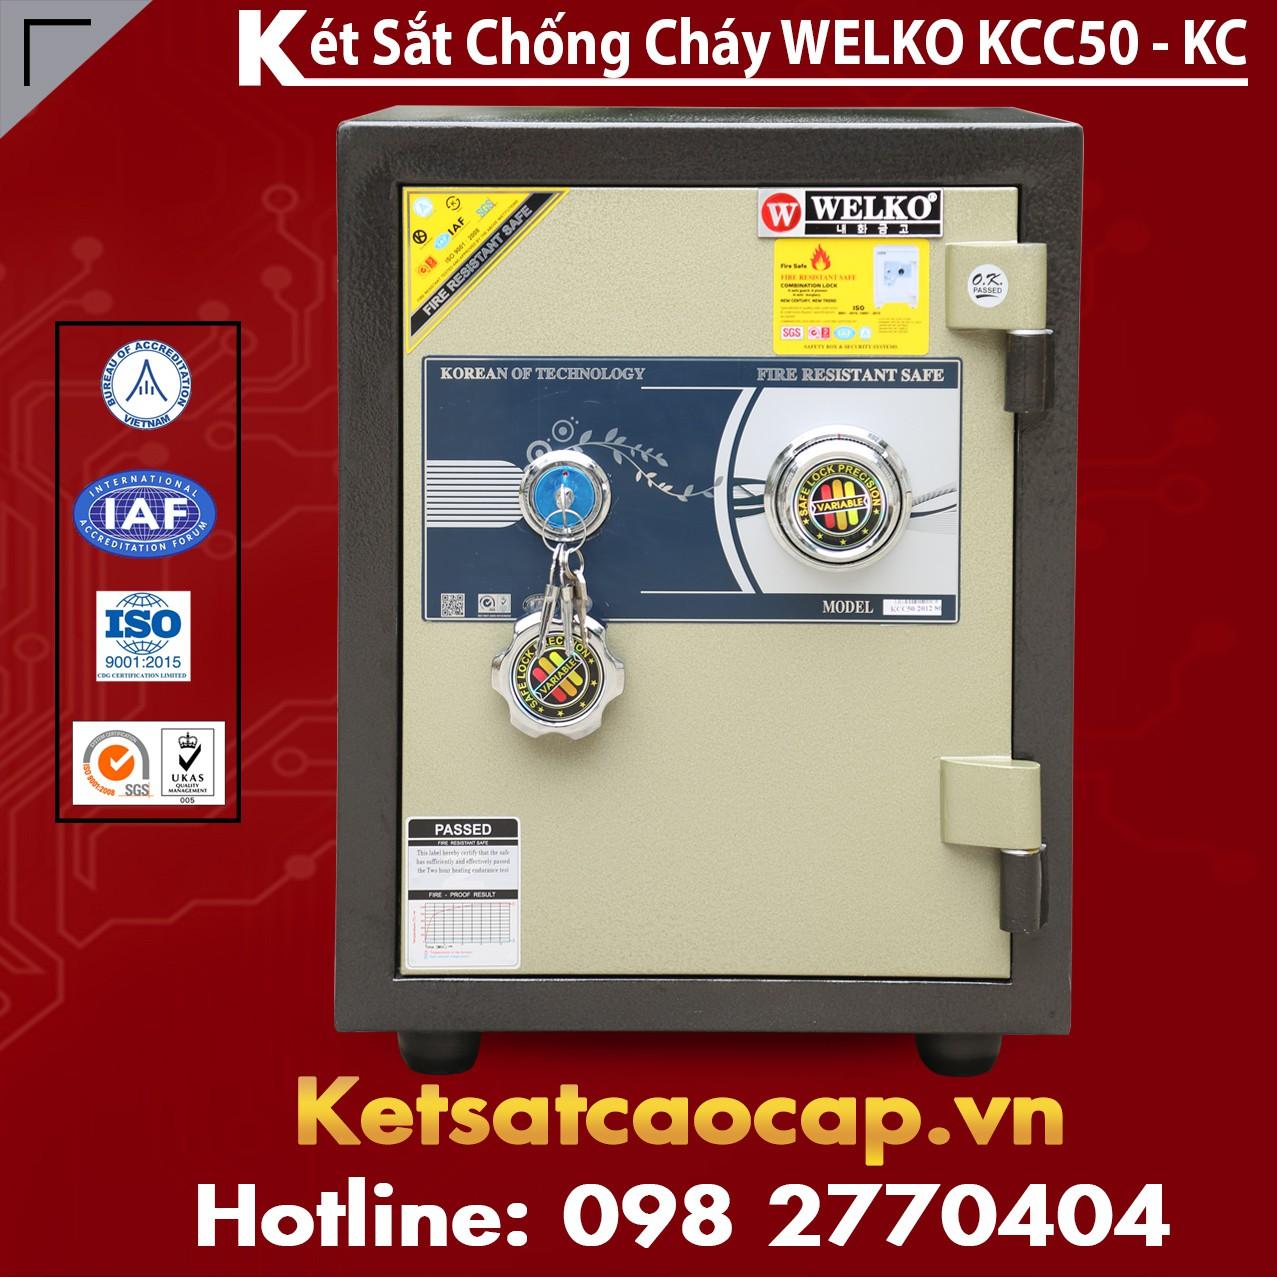 Két Sắt Chống Cháy KCC50 - KC